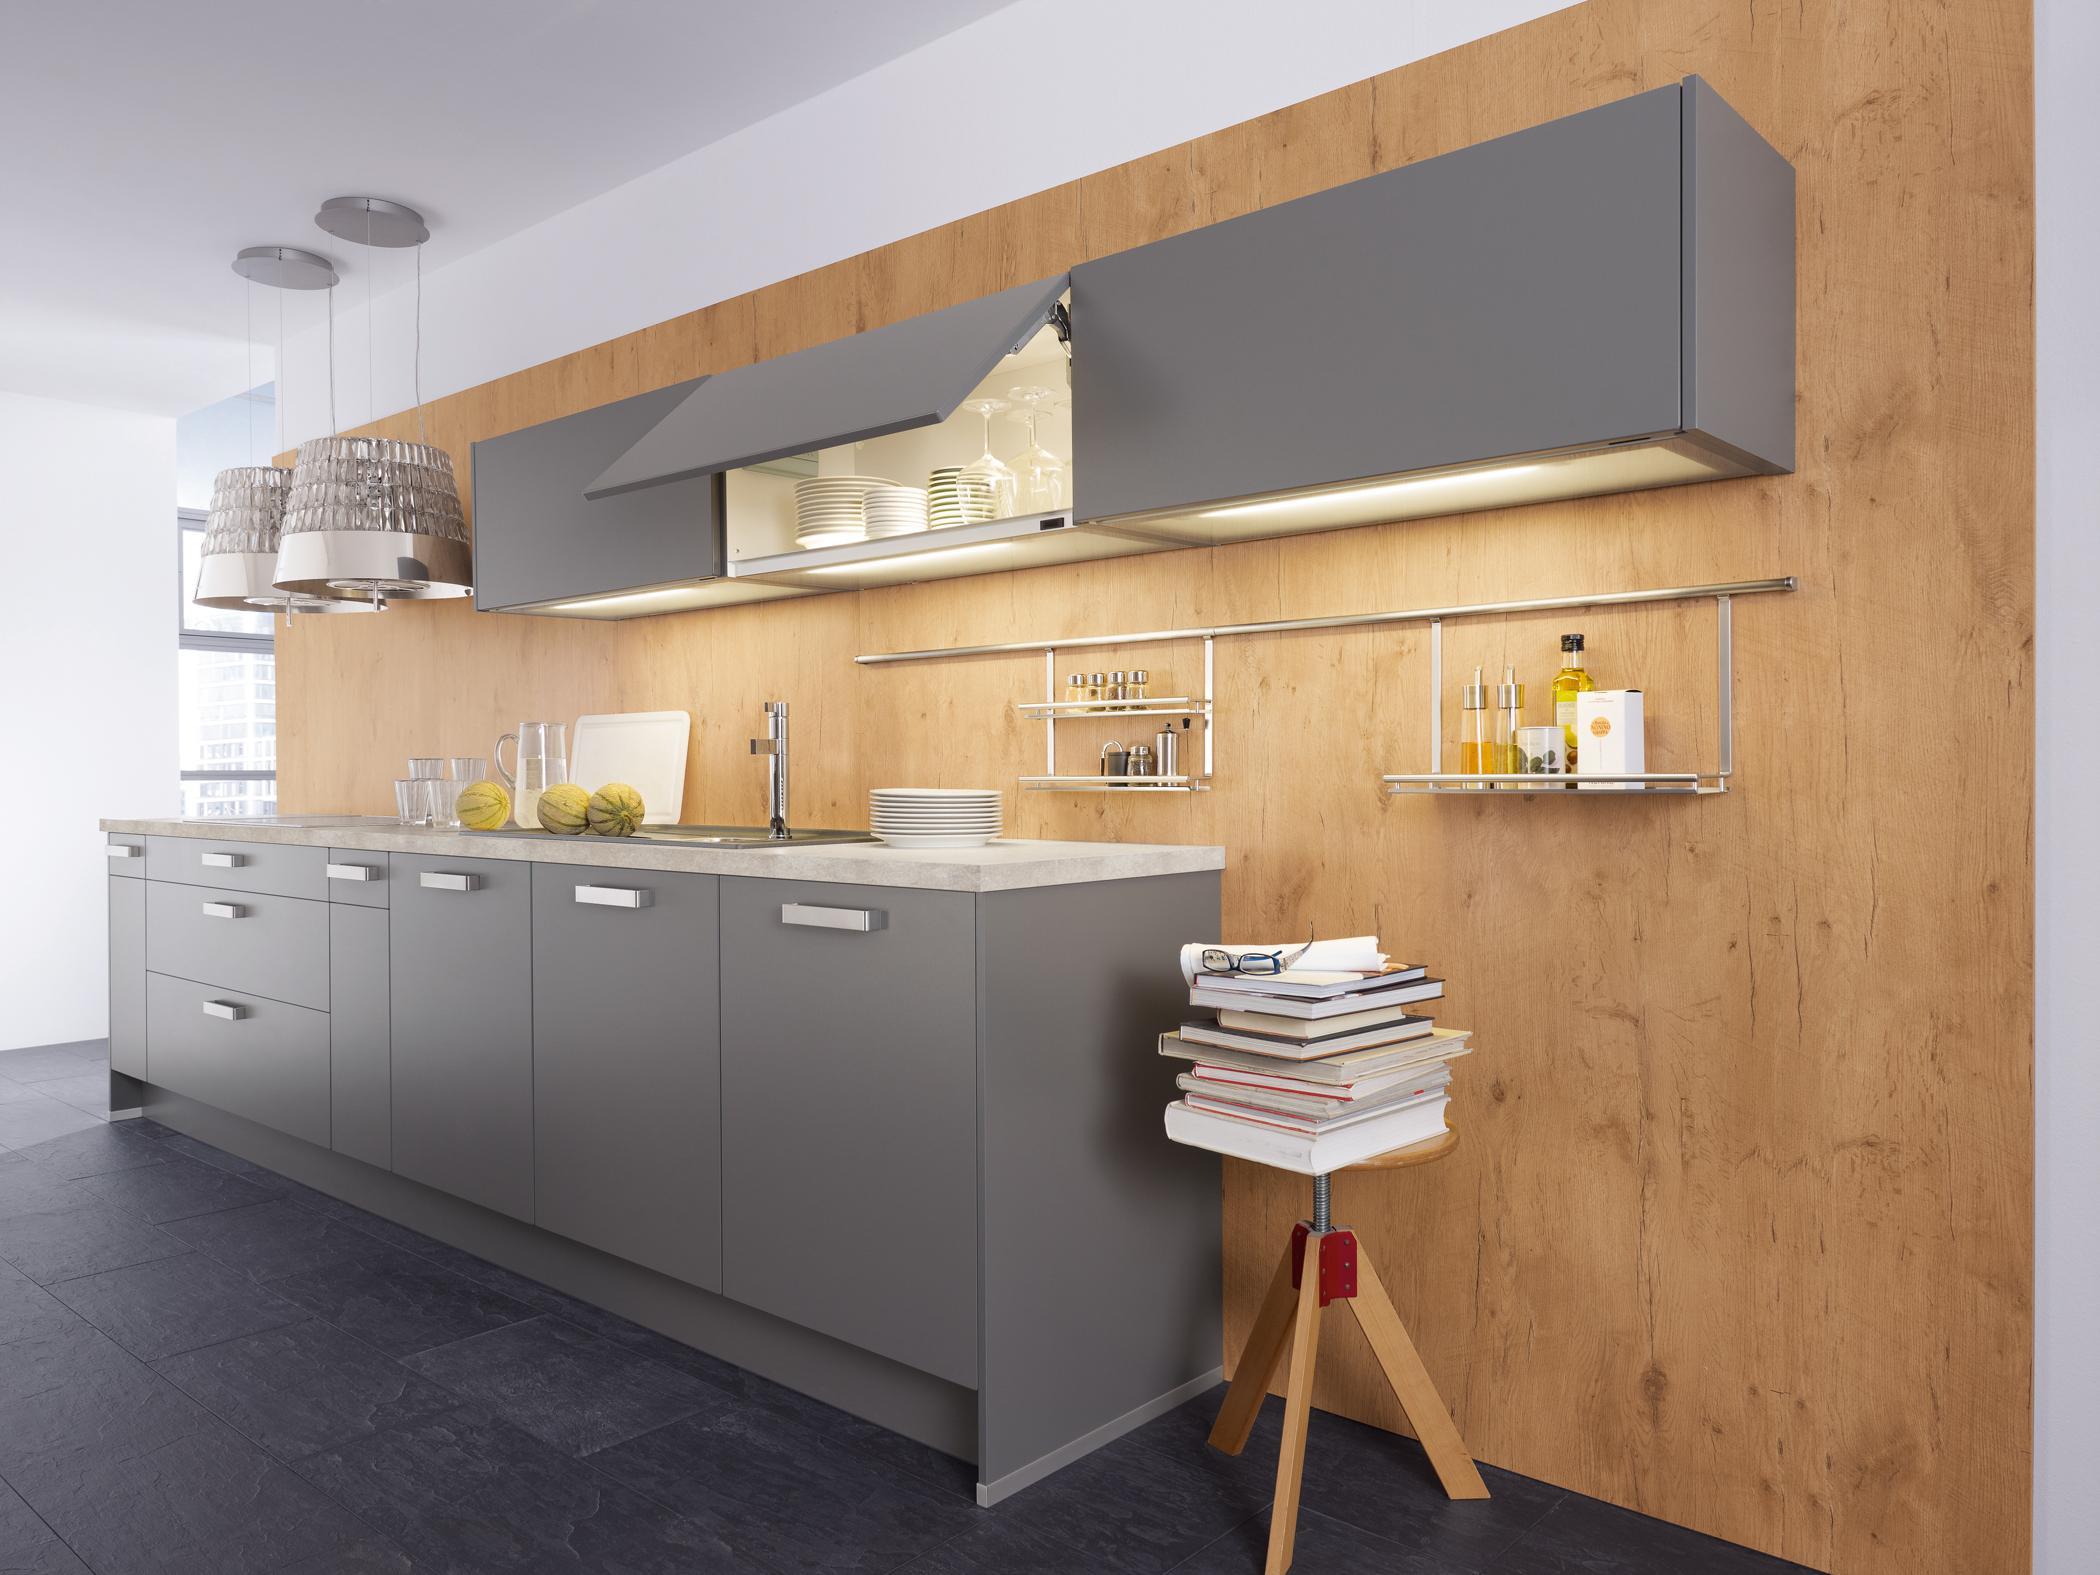 Full Size of Wandpaneele Küche Wandgestaltung Kche So Einfach Wirds Wohnlich Edelstahlküche Gebraucht Eckschrank Auf Raten Beistelltisch Inselküche Abverkauf Wohnzimmer Wandpaneele Küche